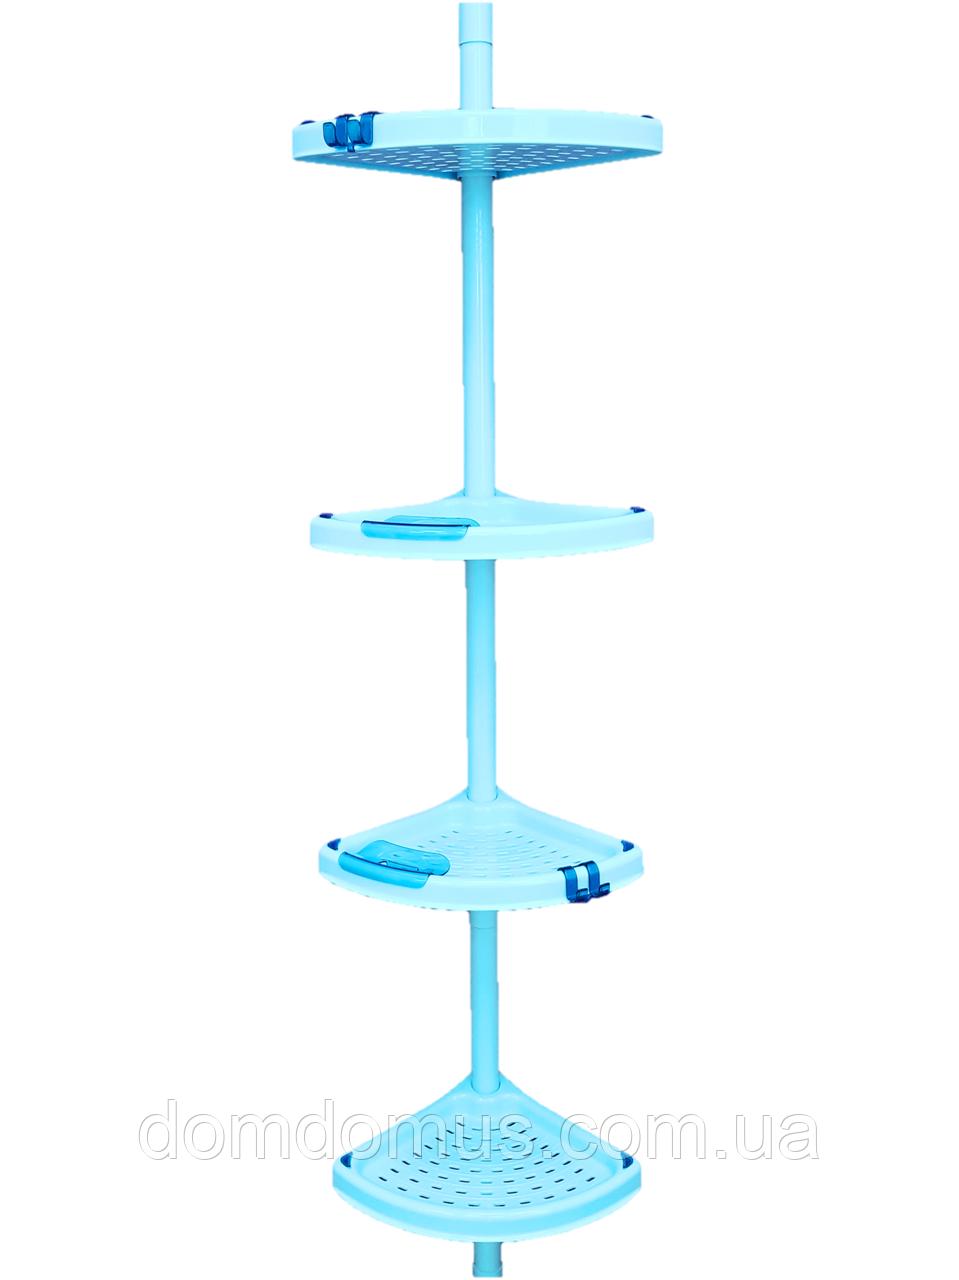 Полка угловая для ванной телескопической пластиковой труба PrimaNova, Турция зеленая